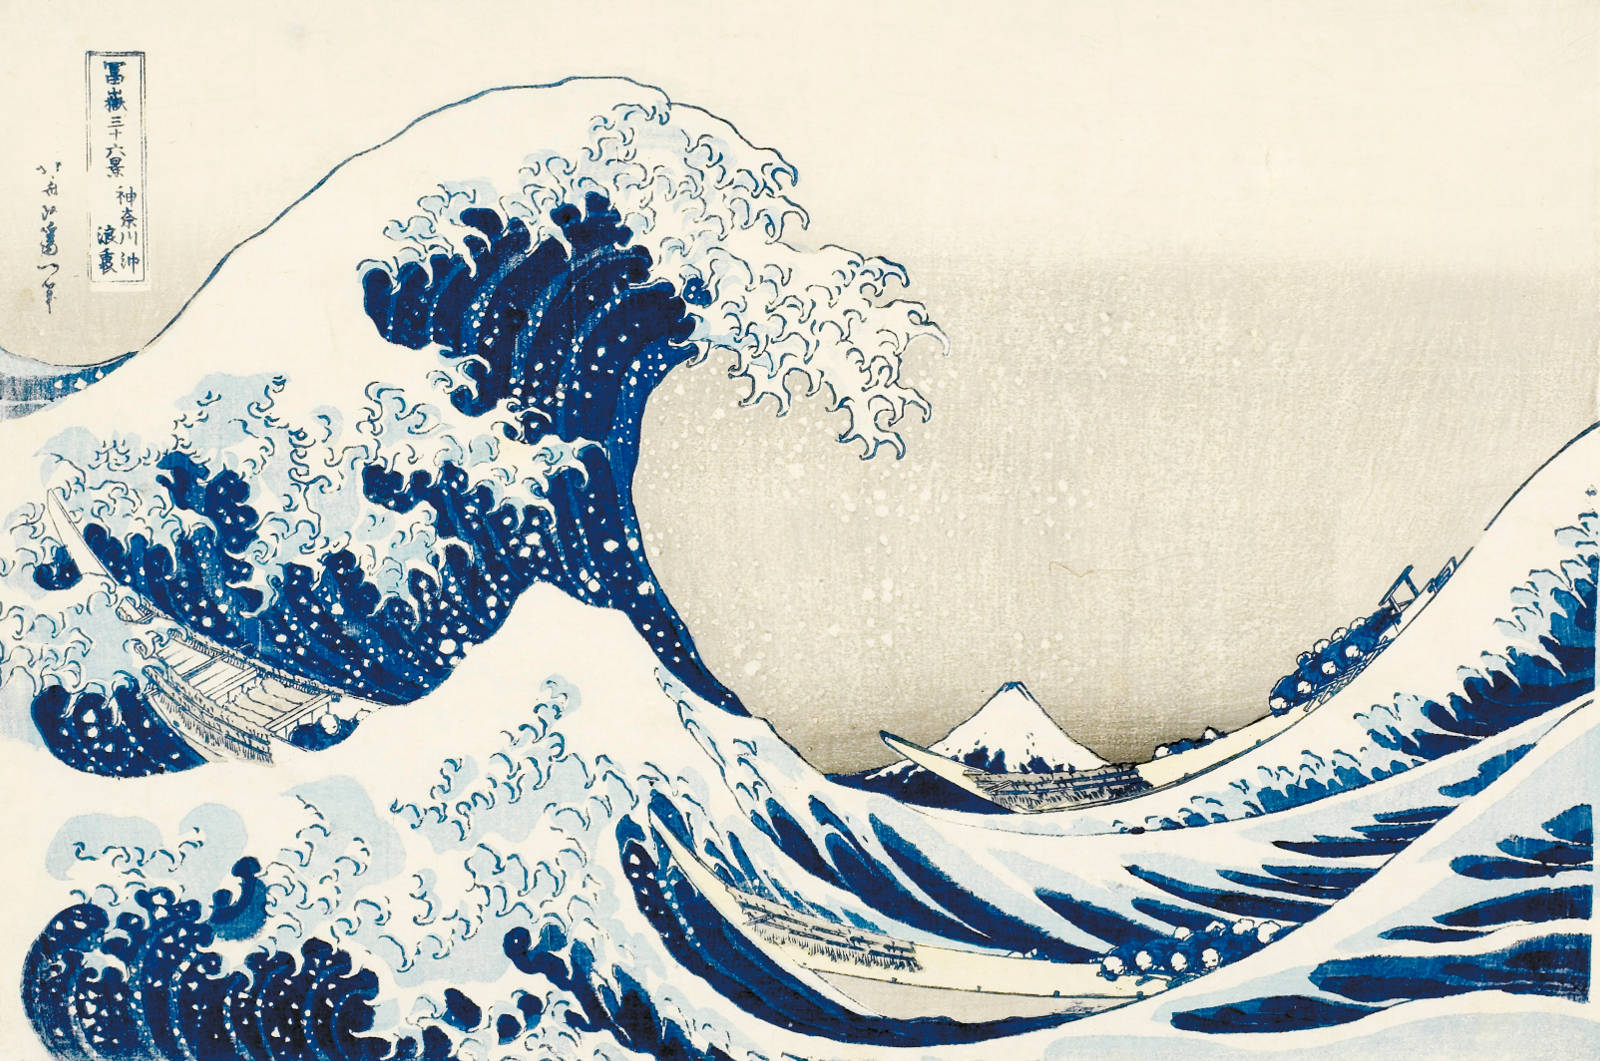 Top Price. Le 5 opere più costose di Hokusai